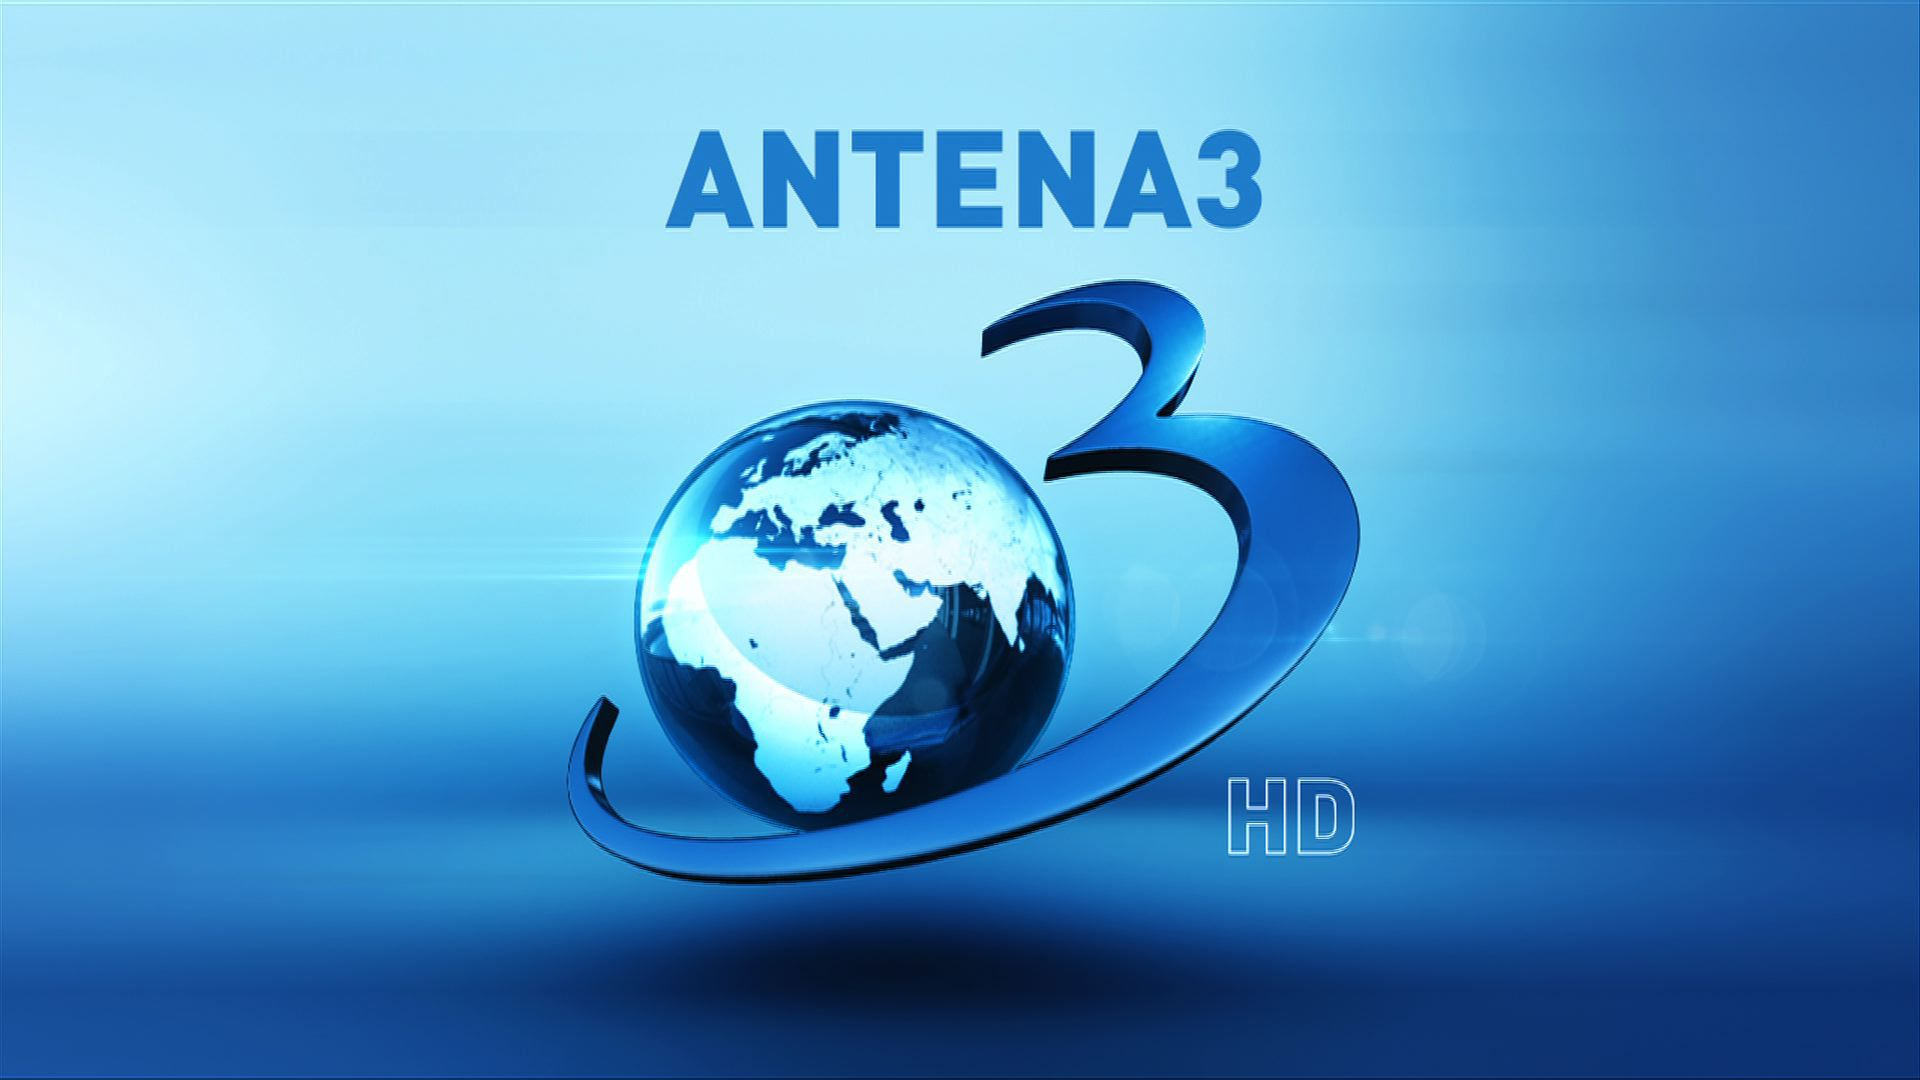 motivul-pentru-care-echipa-antena-3-a-fost-data-afara-din-curtea-pnl